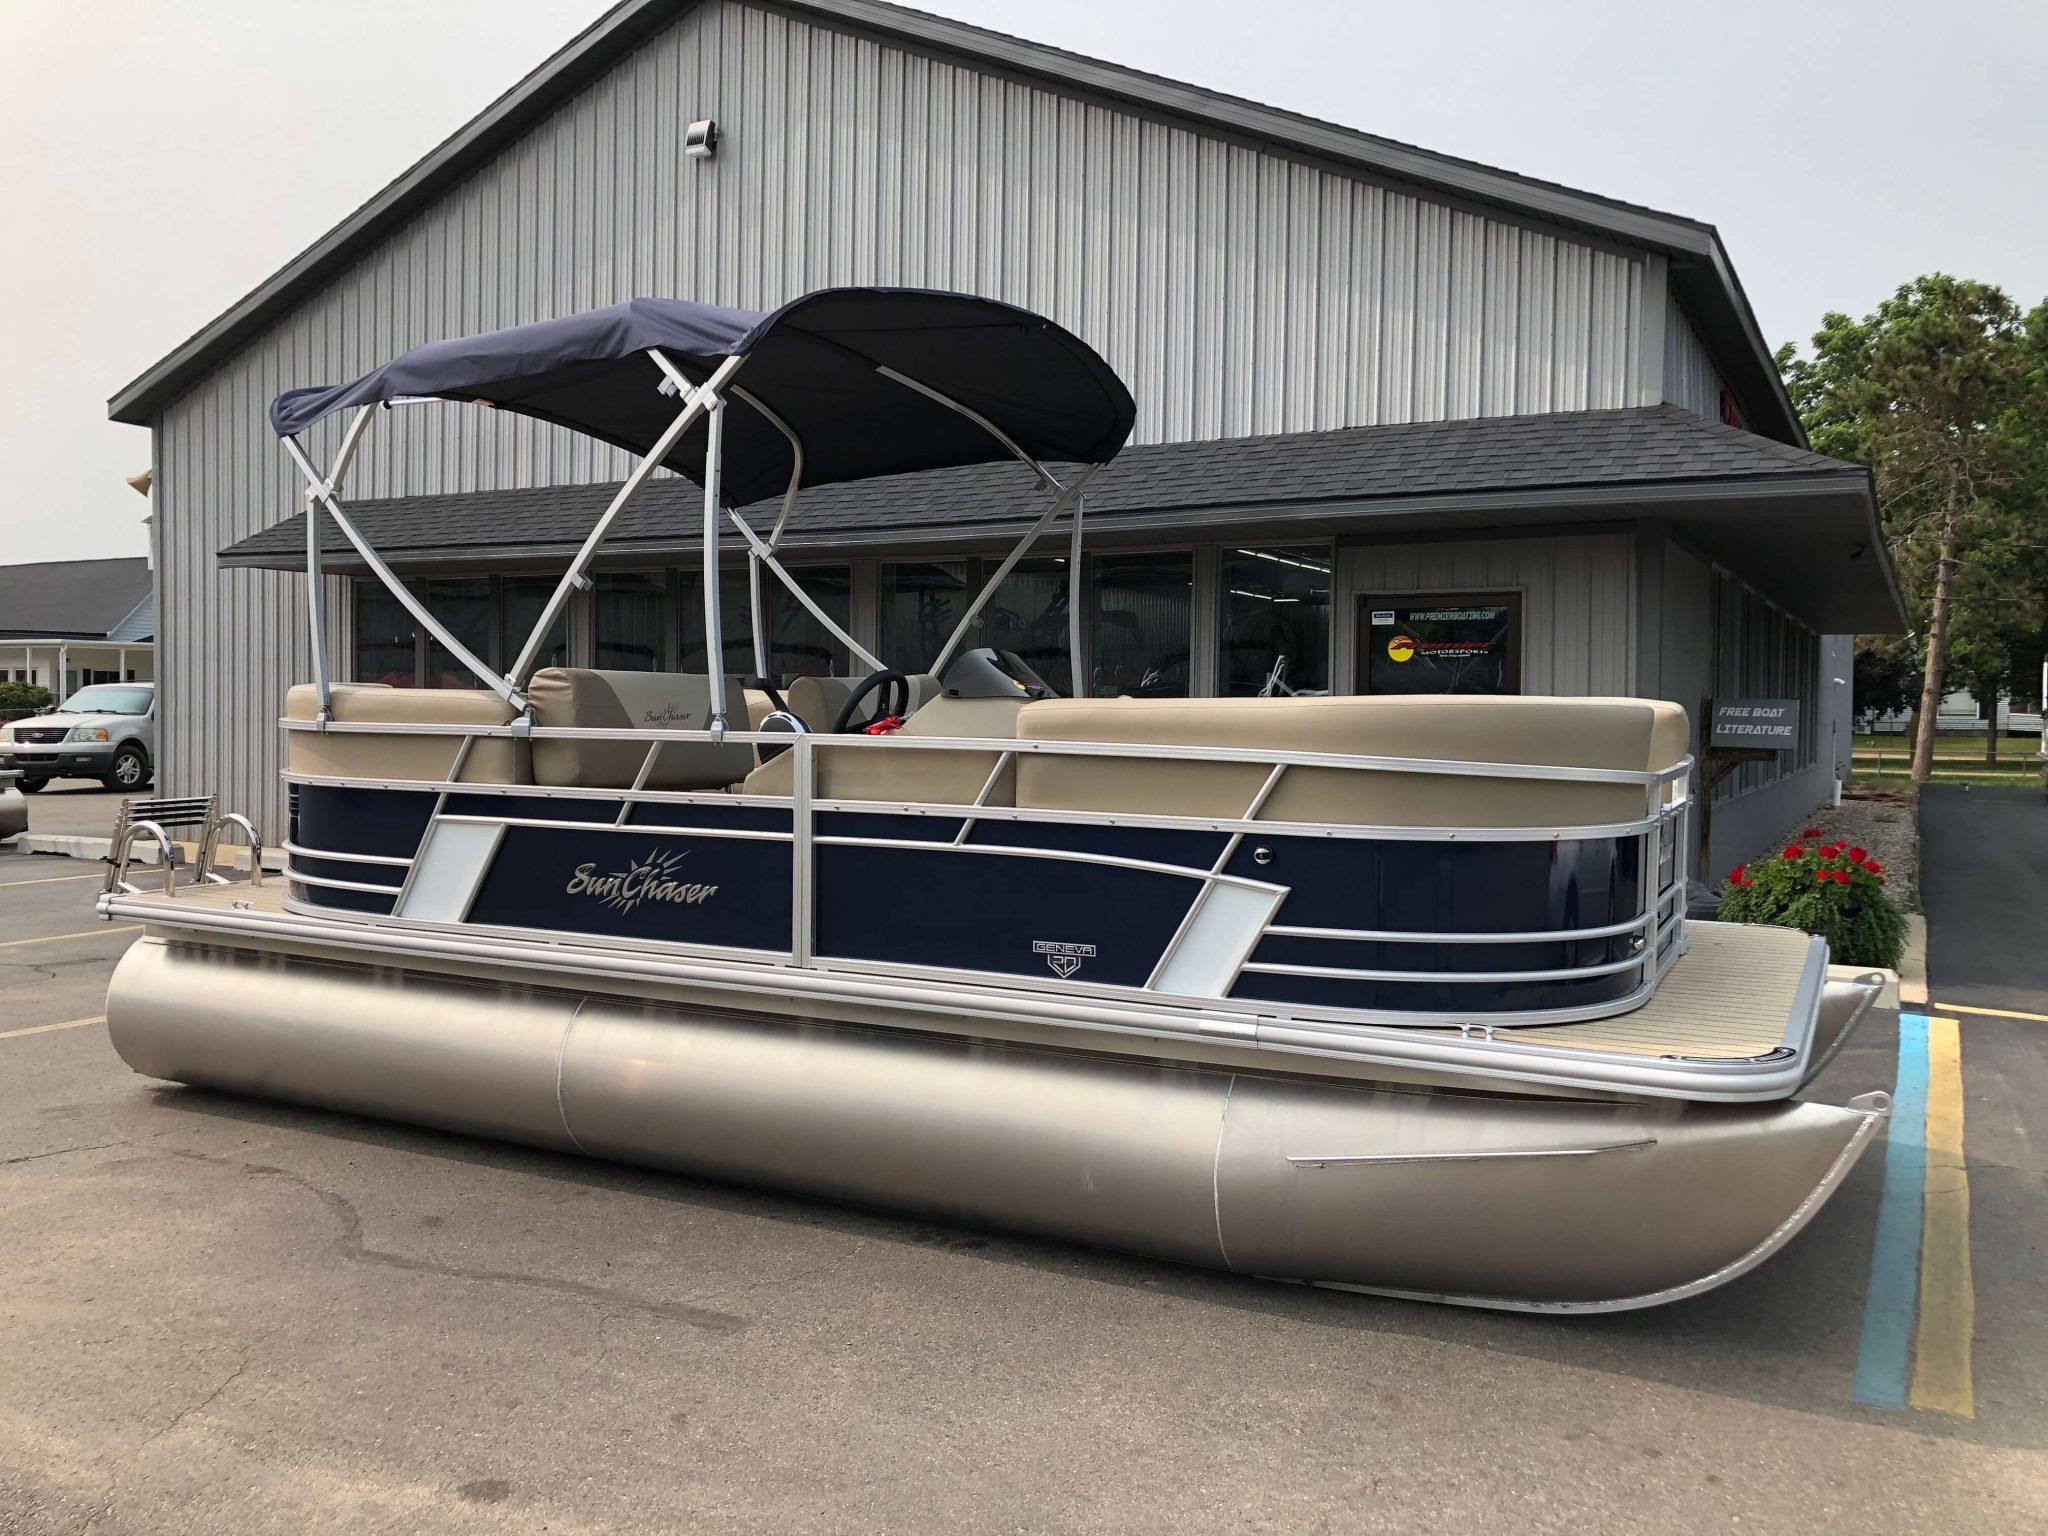 2019 Sunchaser Geneva 20 LR SB Blue White Exterior 4